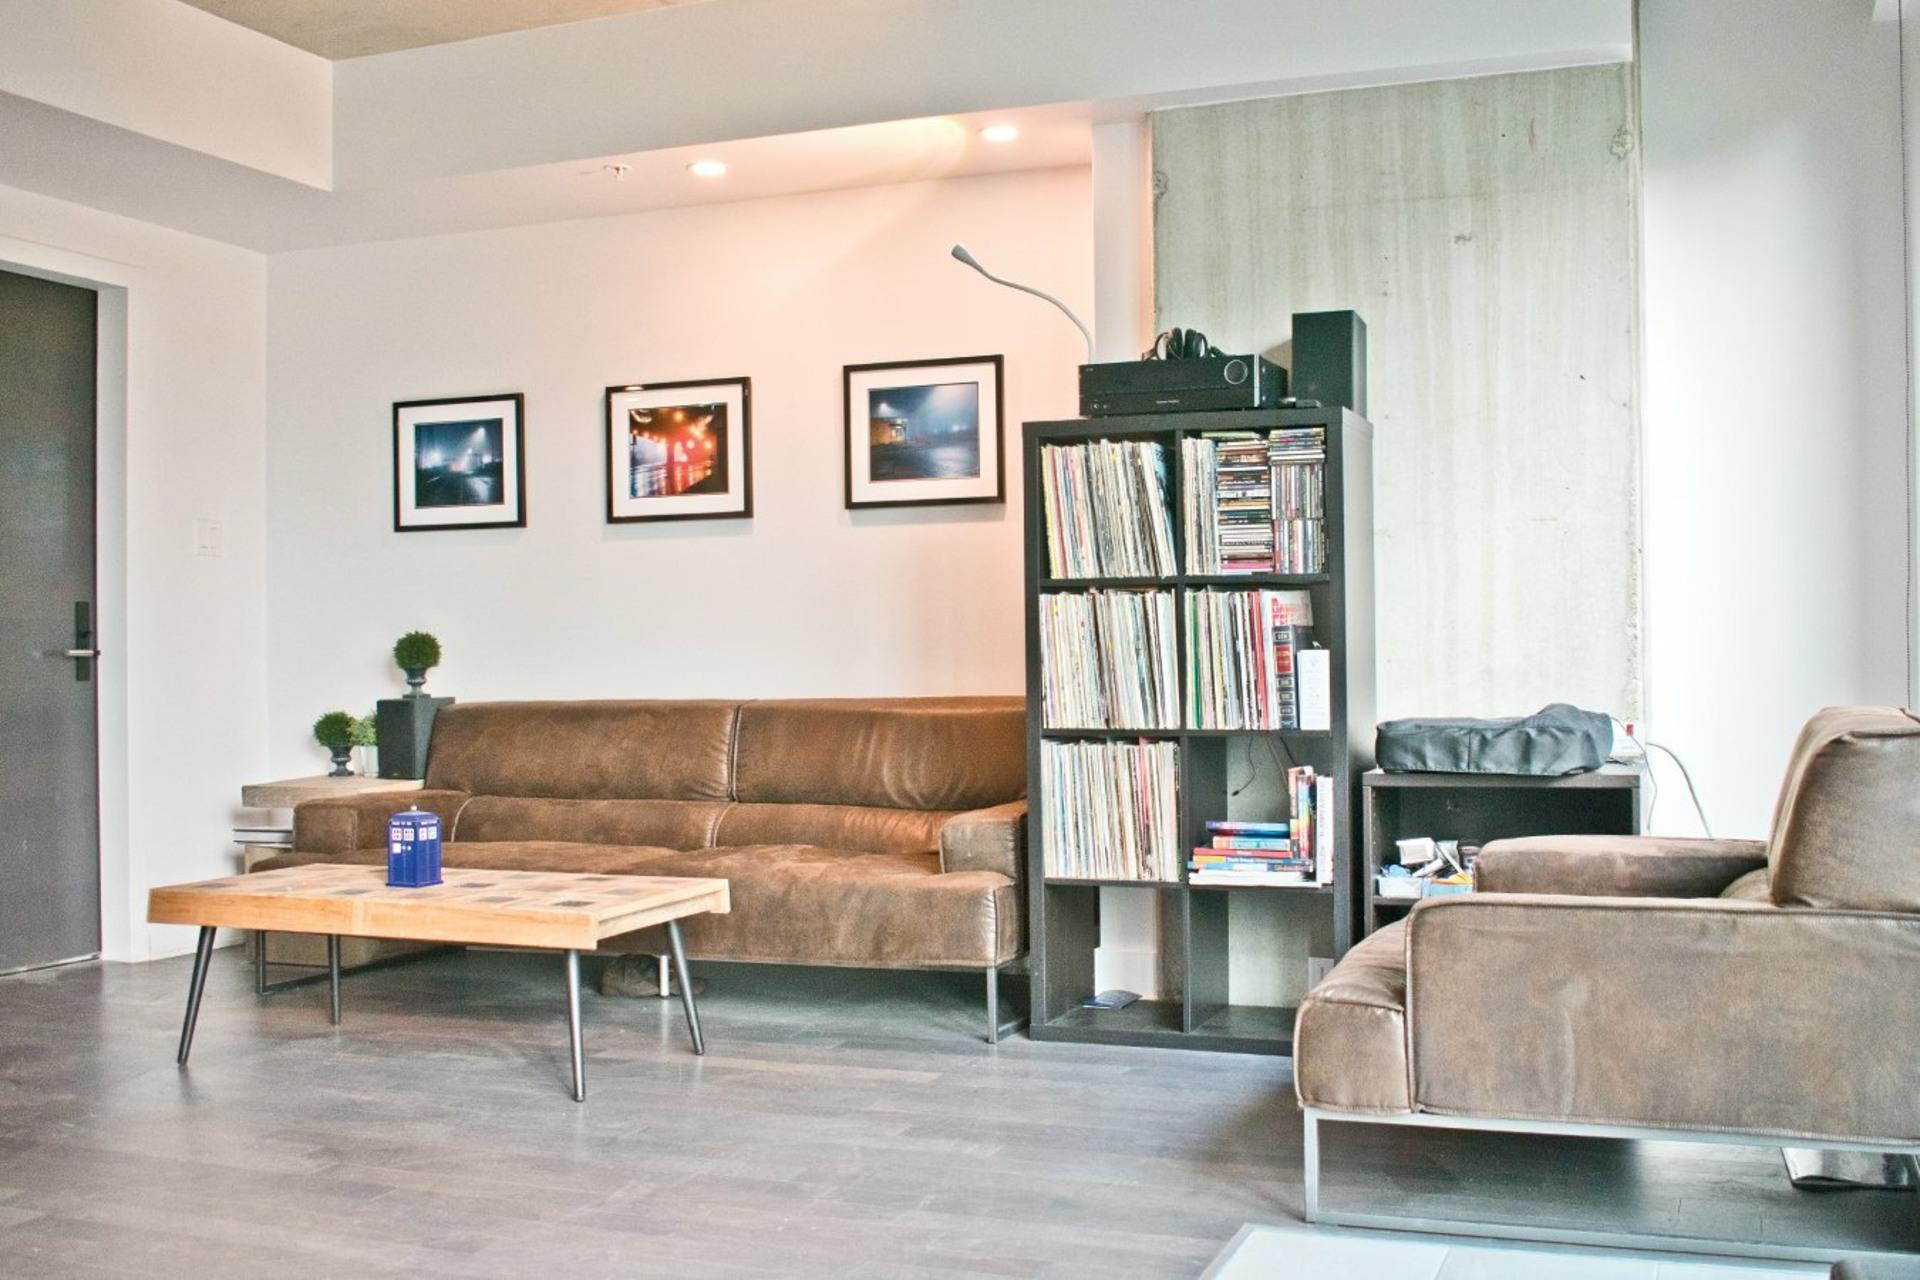 image 3 - Appartement À vendre Le Sud-Ouest Montréal  - 6 pièces